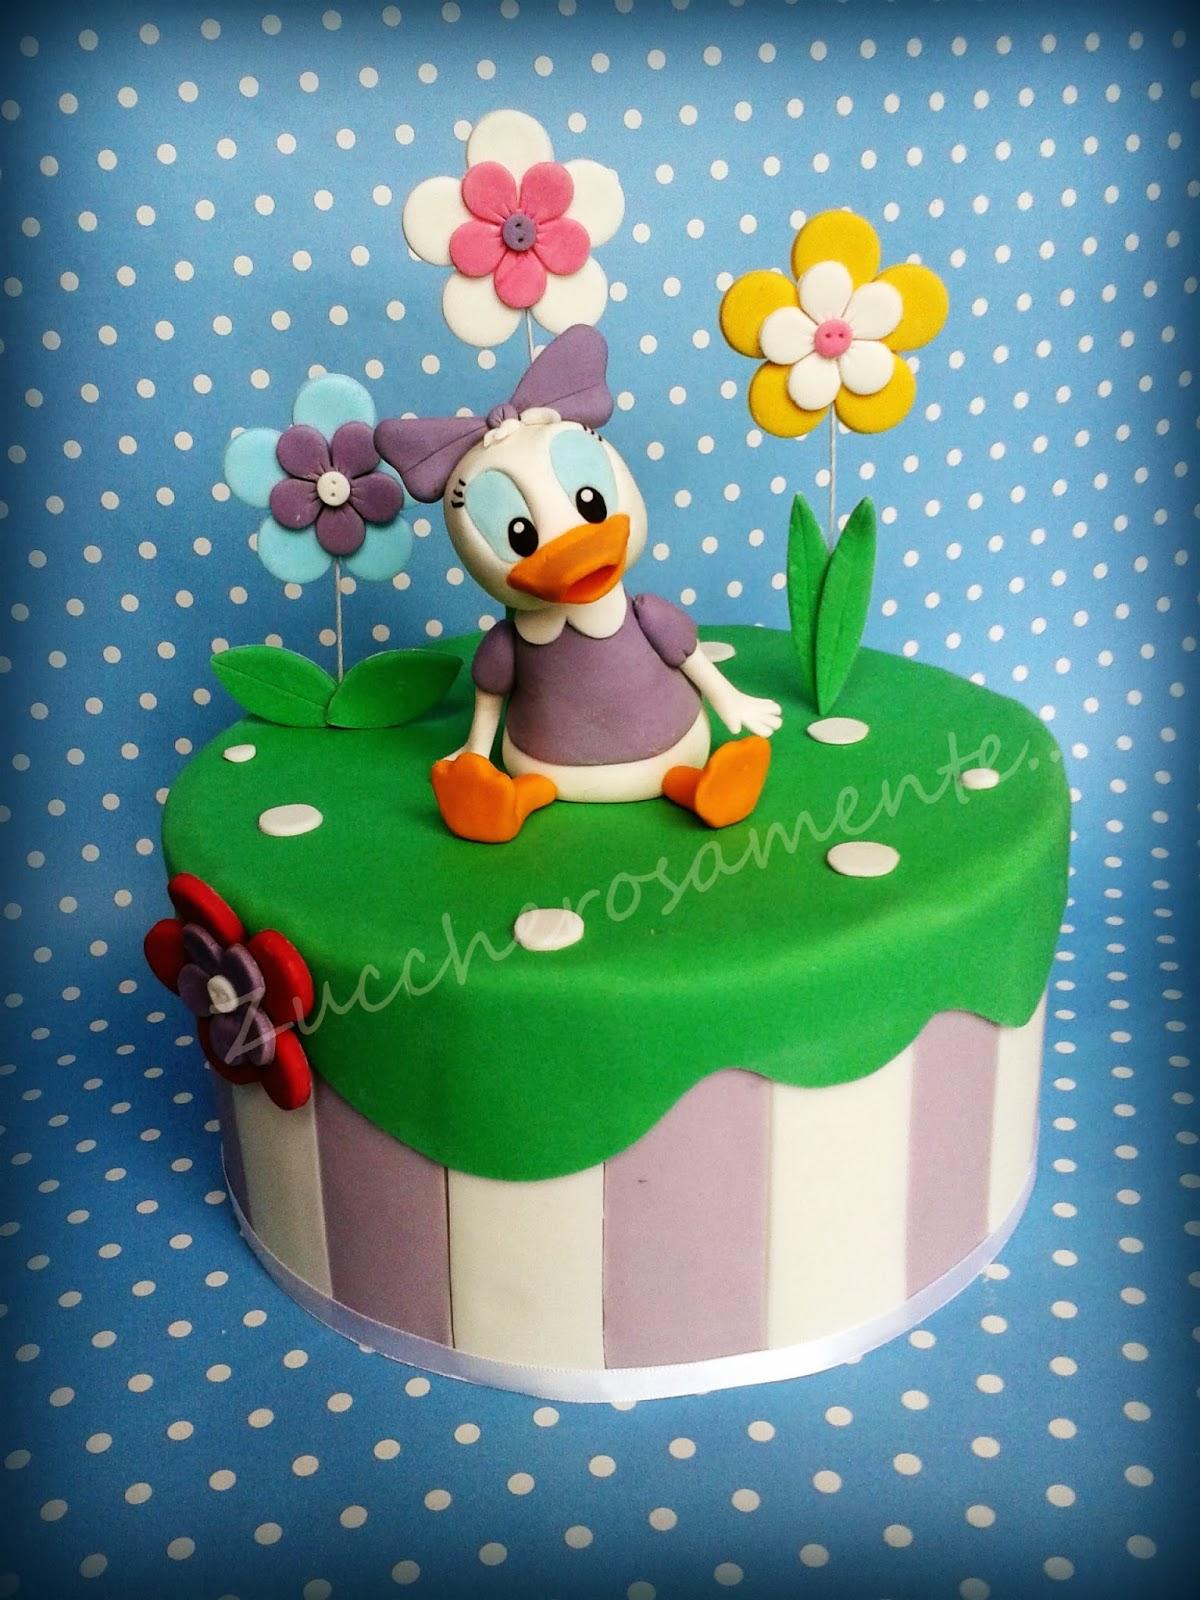 Cake Design Provincia Varese : Zuccherosamente...: Torta Paperina